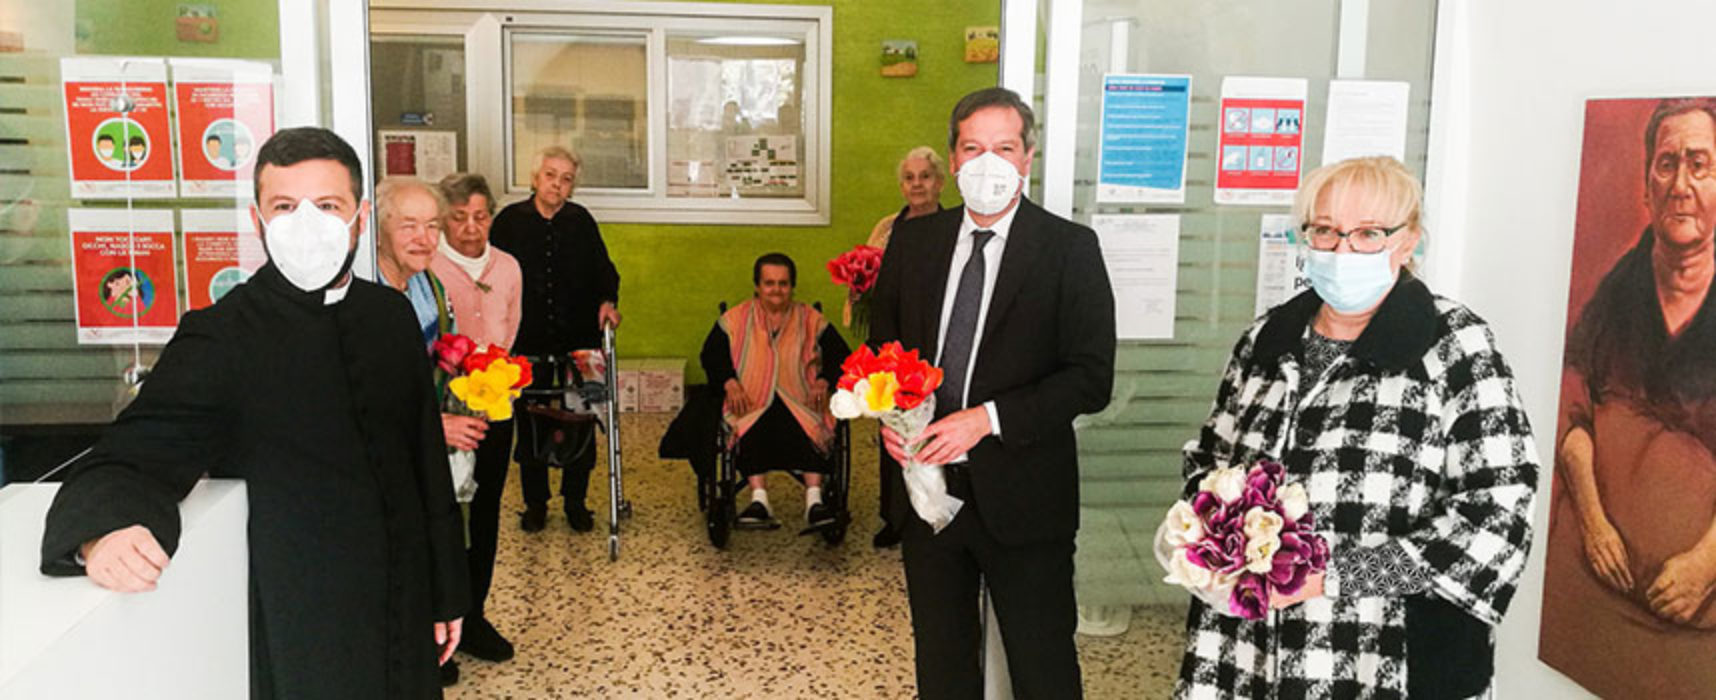 """Comune dona 200 tulipani sospesi a RSA, Angarano: """"Far sentire affetto e vicinanza"""" / FOTO"""